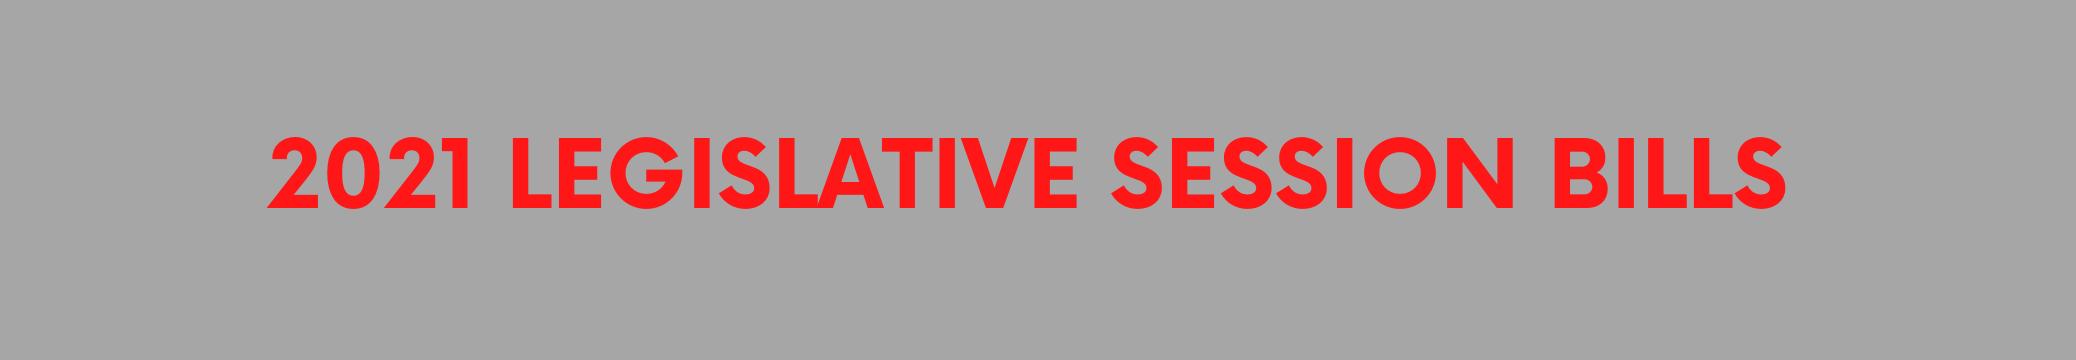 2021-legislative-session-bills-banner.png